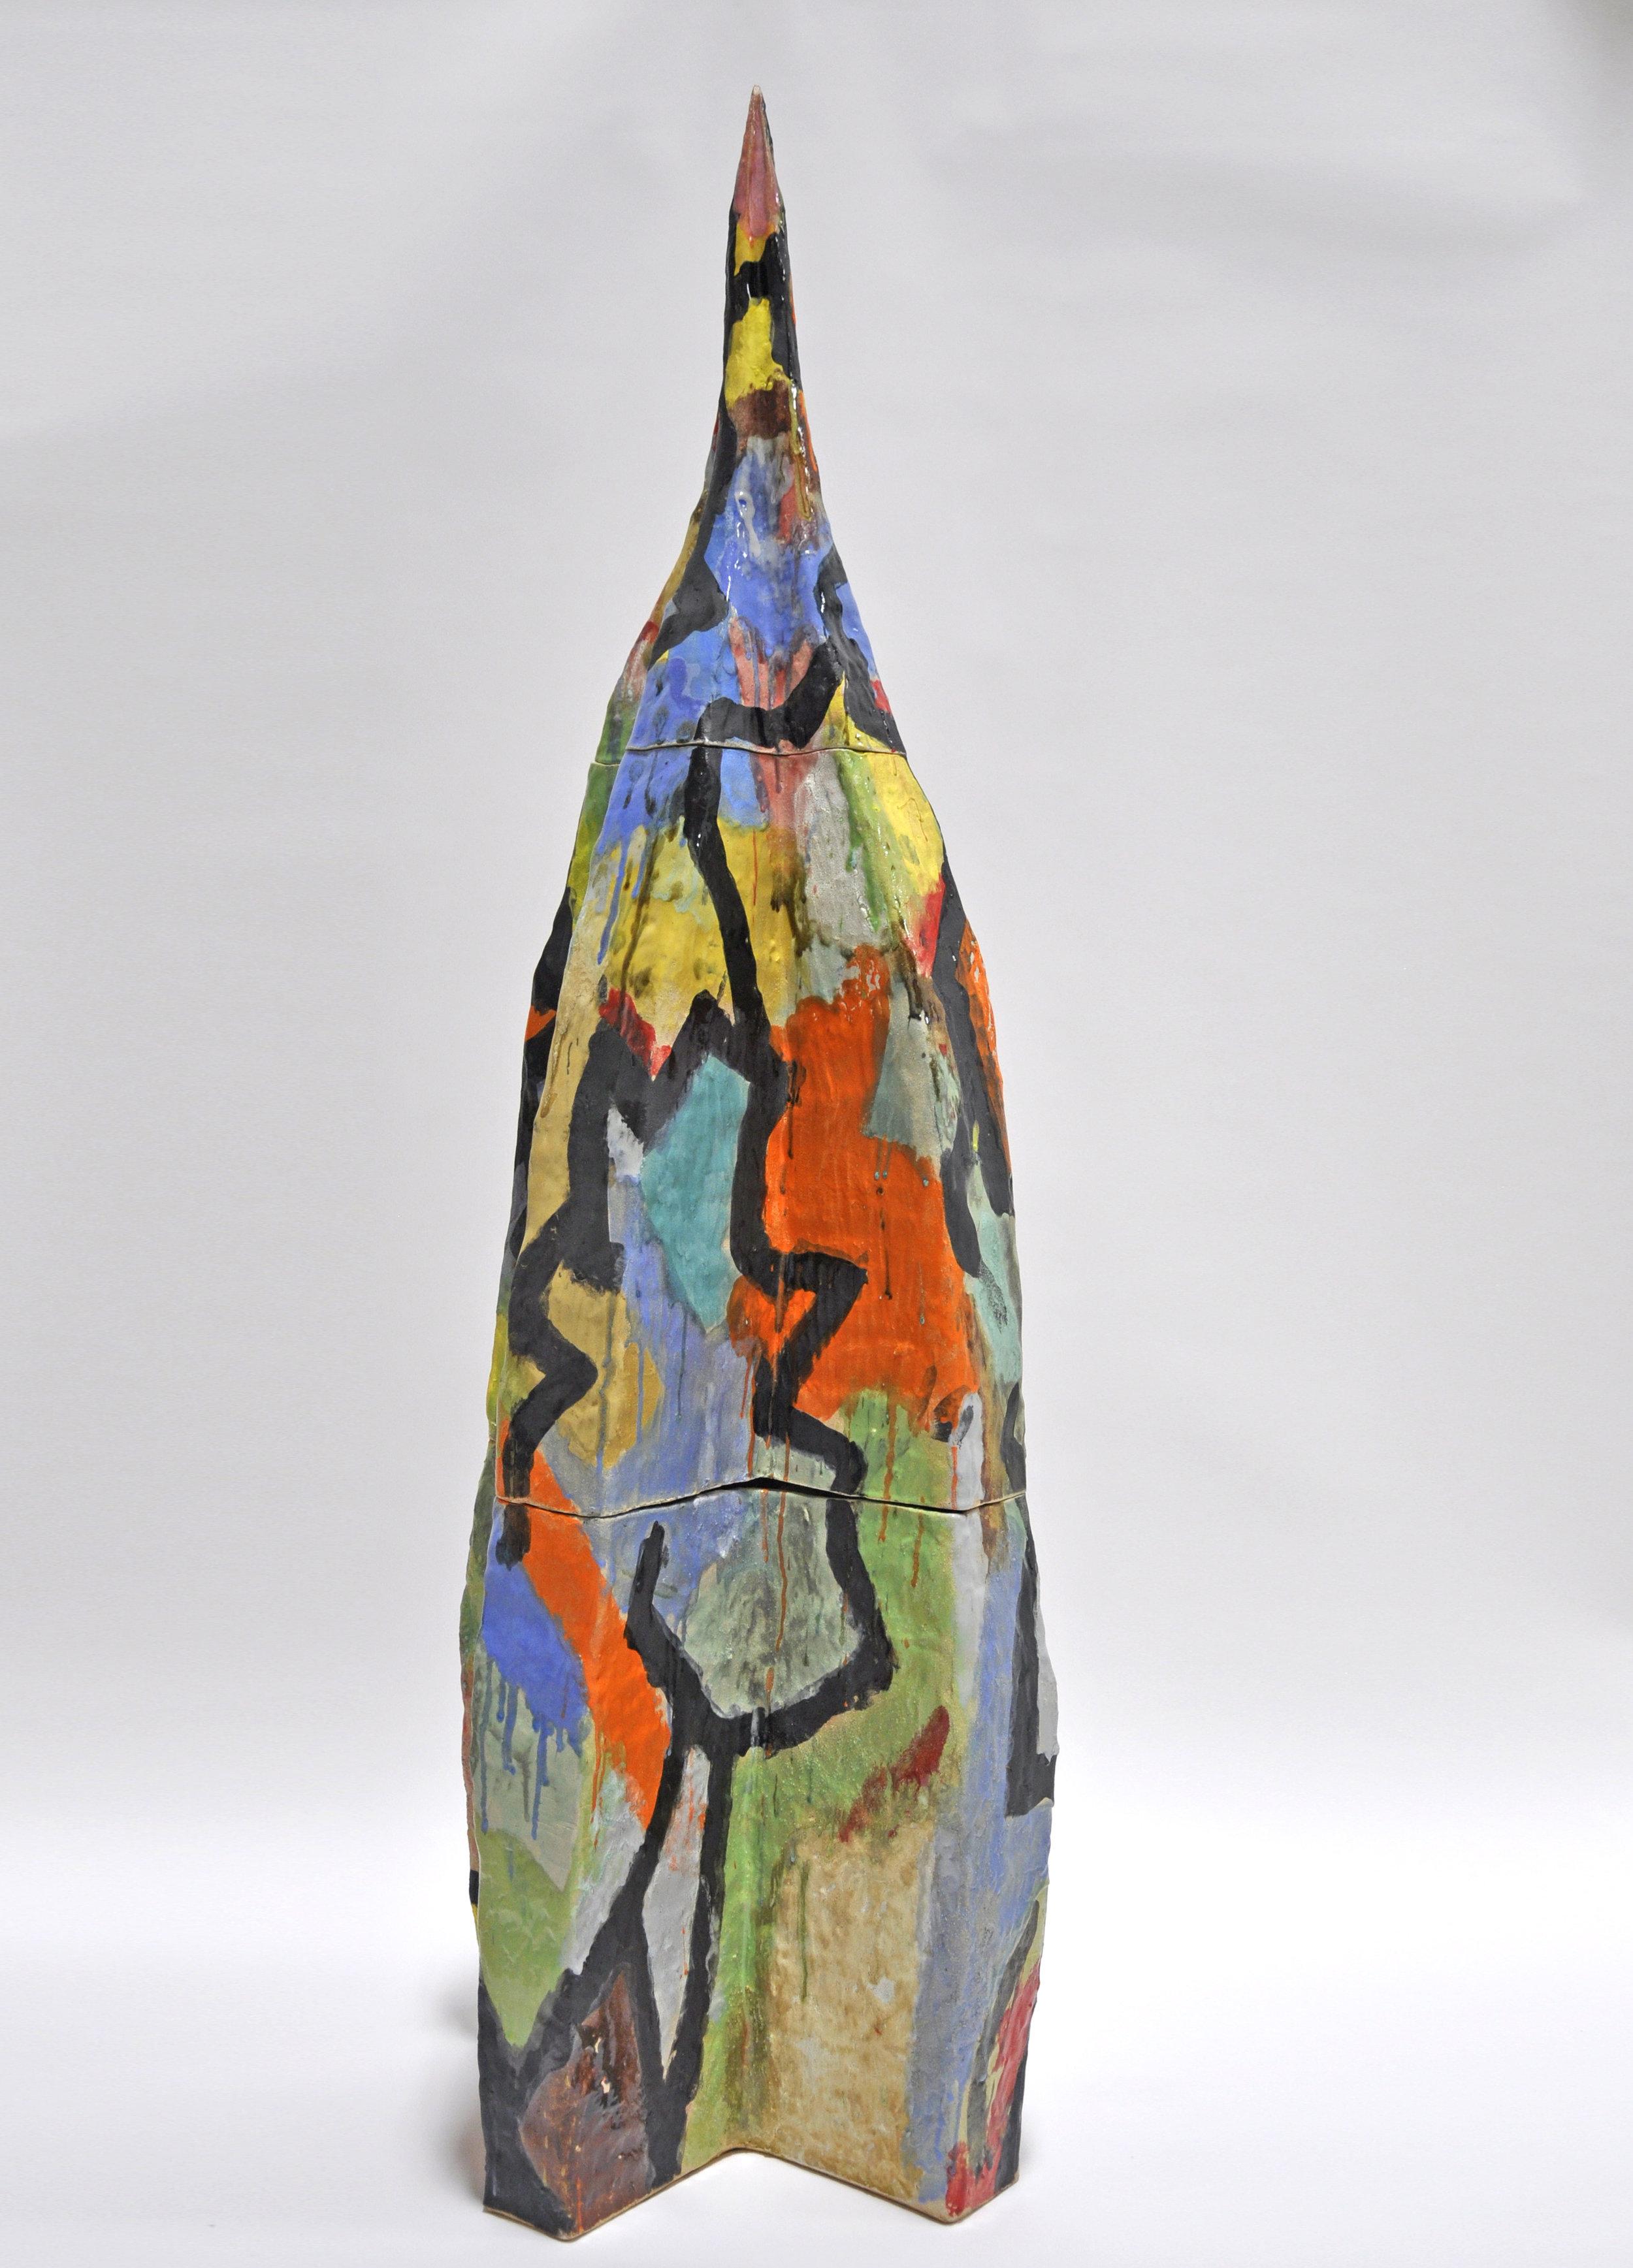 Nick Makanna, XXXIV, 69.5 x 25 x 25 in, Glazed ceramic and plexiglass, 2019